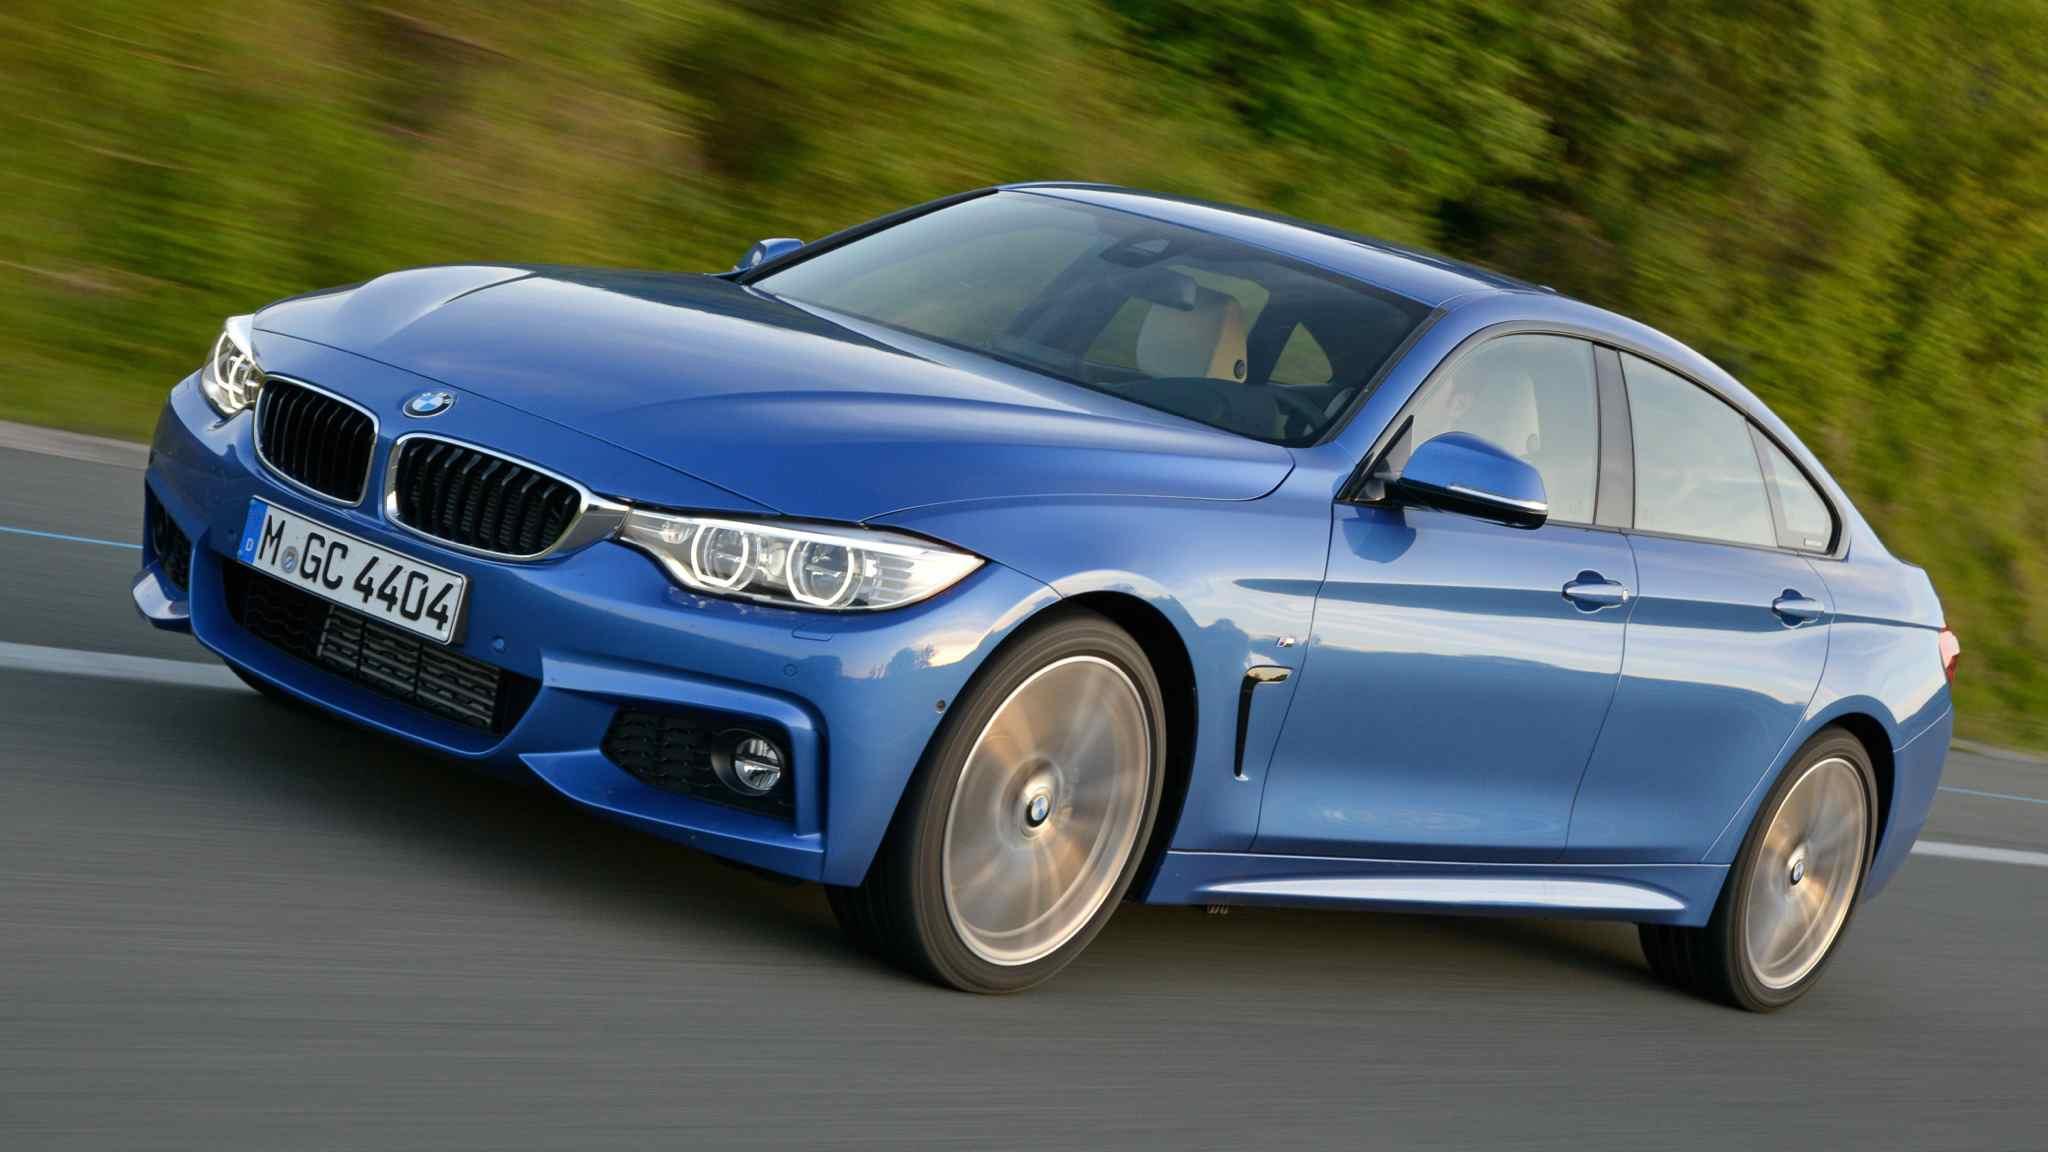 Preise und Motoren des BMW 4er Gran Coupe im Überblick